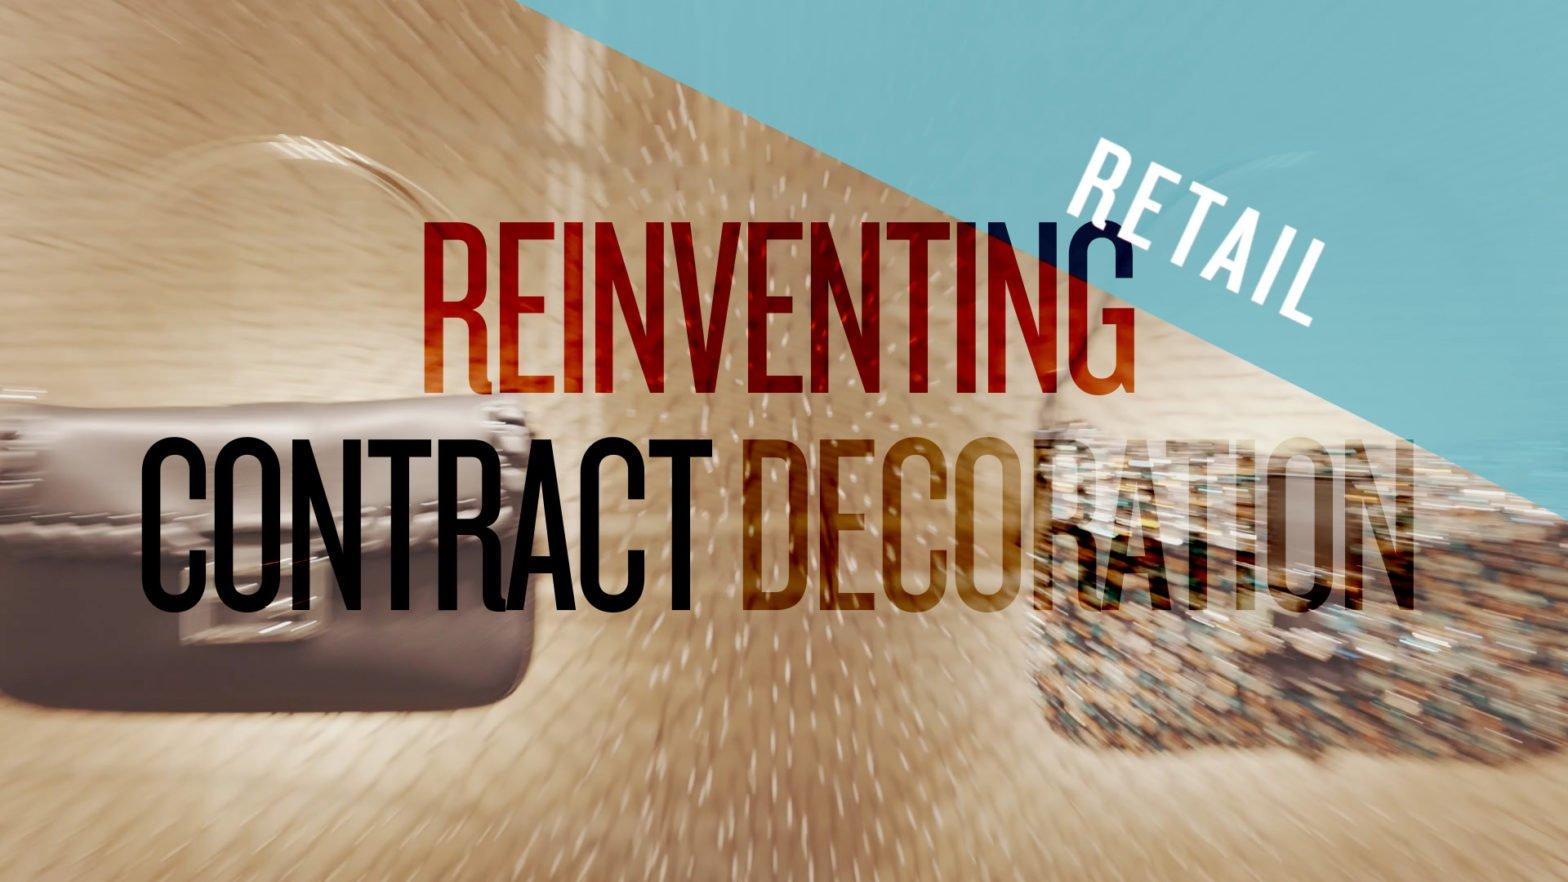 Los diseñadores pueden reinventar la decoración de interiores en el sector RETAIL